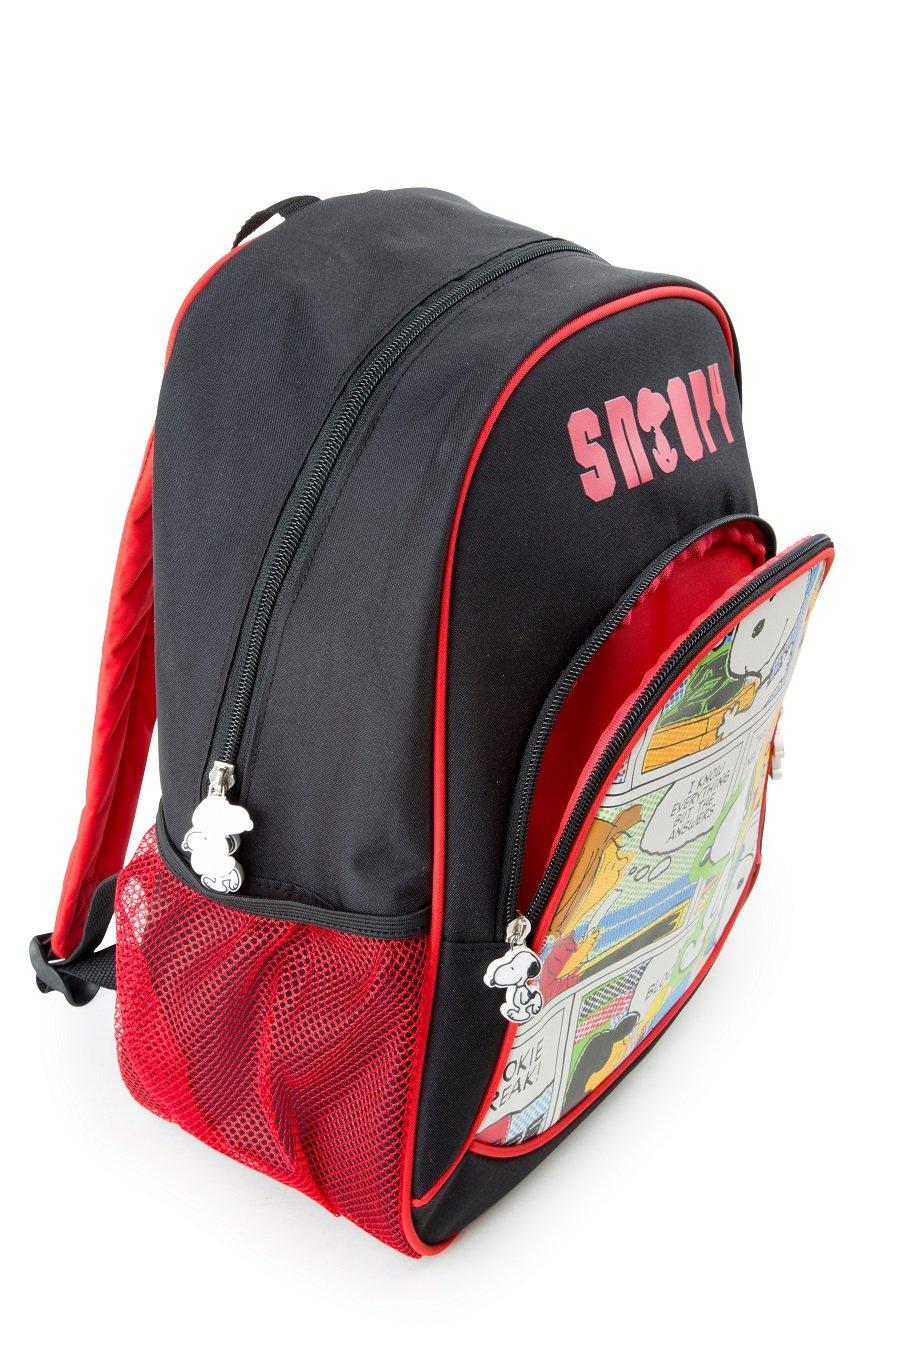 71ua4j0ybkL - Mochila escolar Snoopy para niños mochila mochila escolar | incluye dos bolsillos de malla a los lados y mucho espacio de almacenamiento | acolchado óptimo de las correas de transporte | tamaño aprox